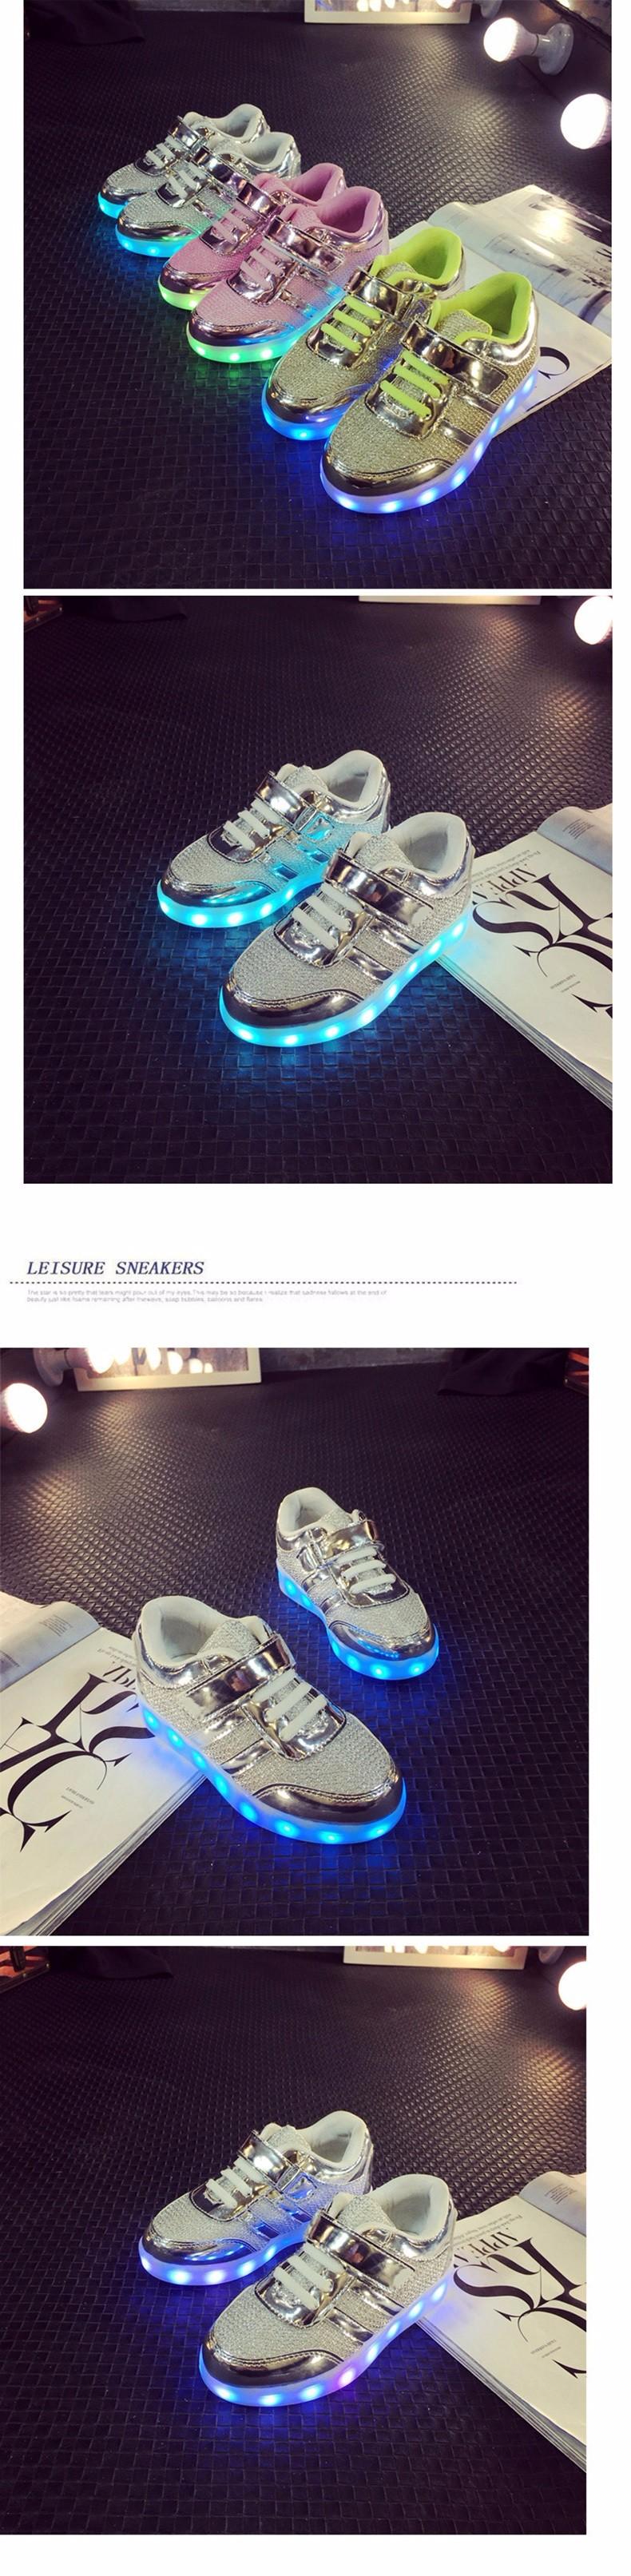 Kid USB Charging LED Light Shoes Soft Net Casual Boy Girl Luminous Sneakers Antiskid Bottom Children Shoes Tenis Led Infantil (2)